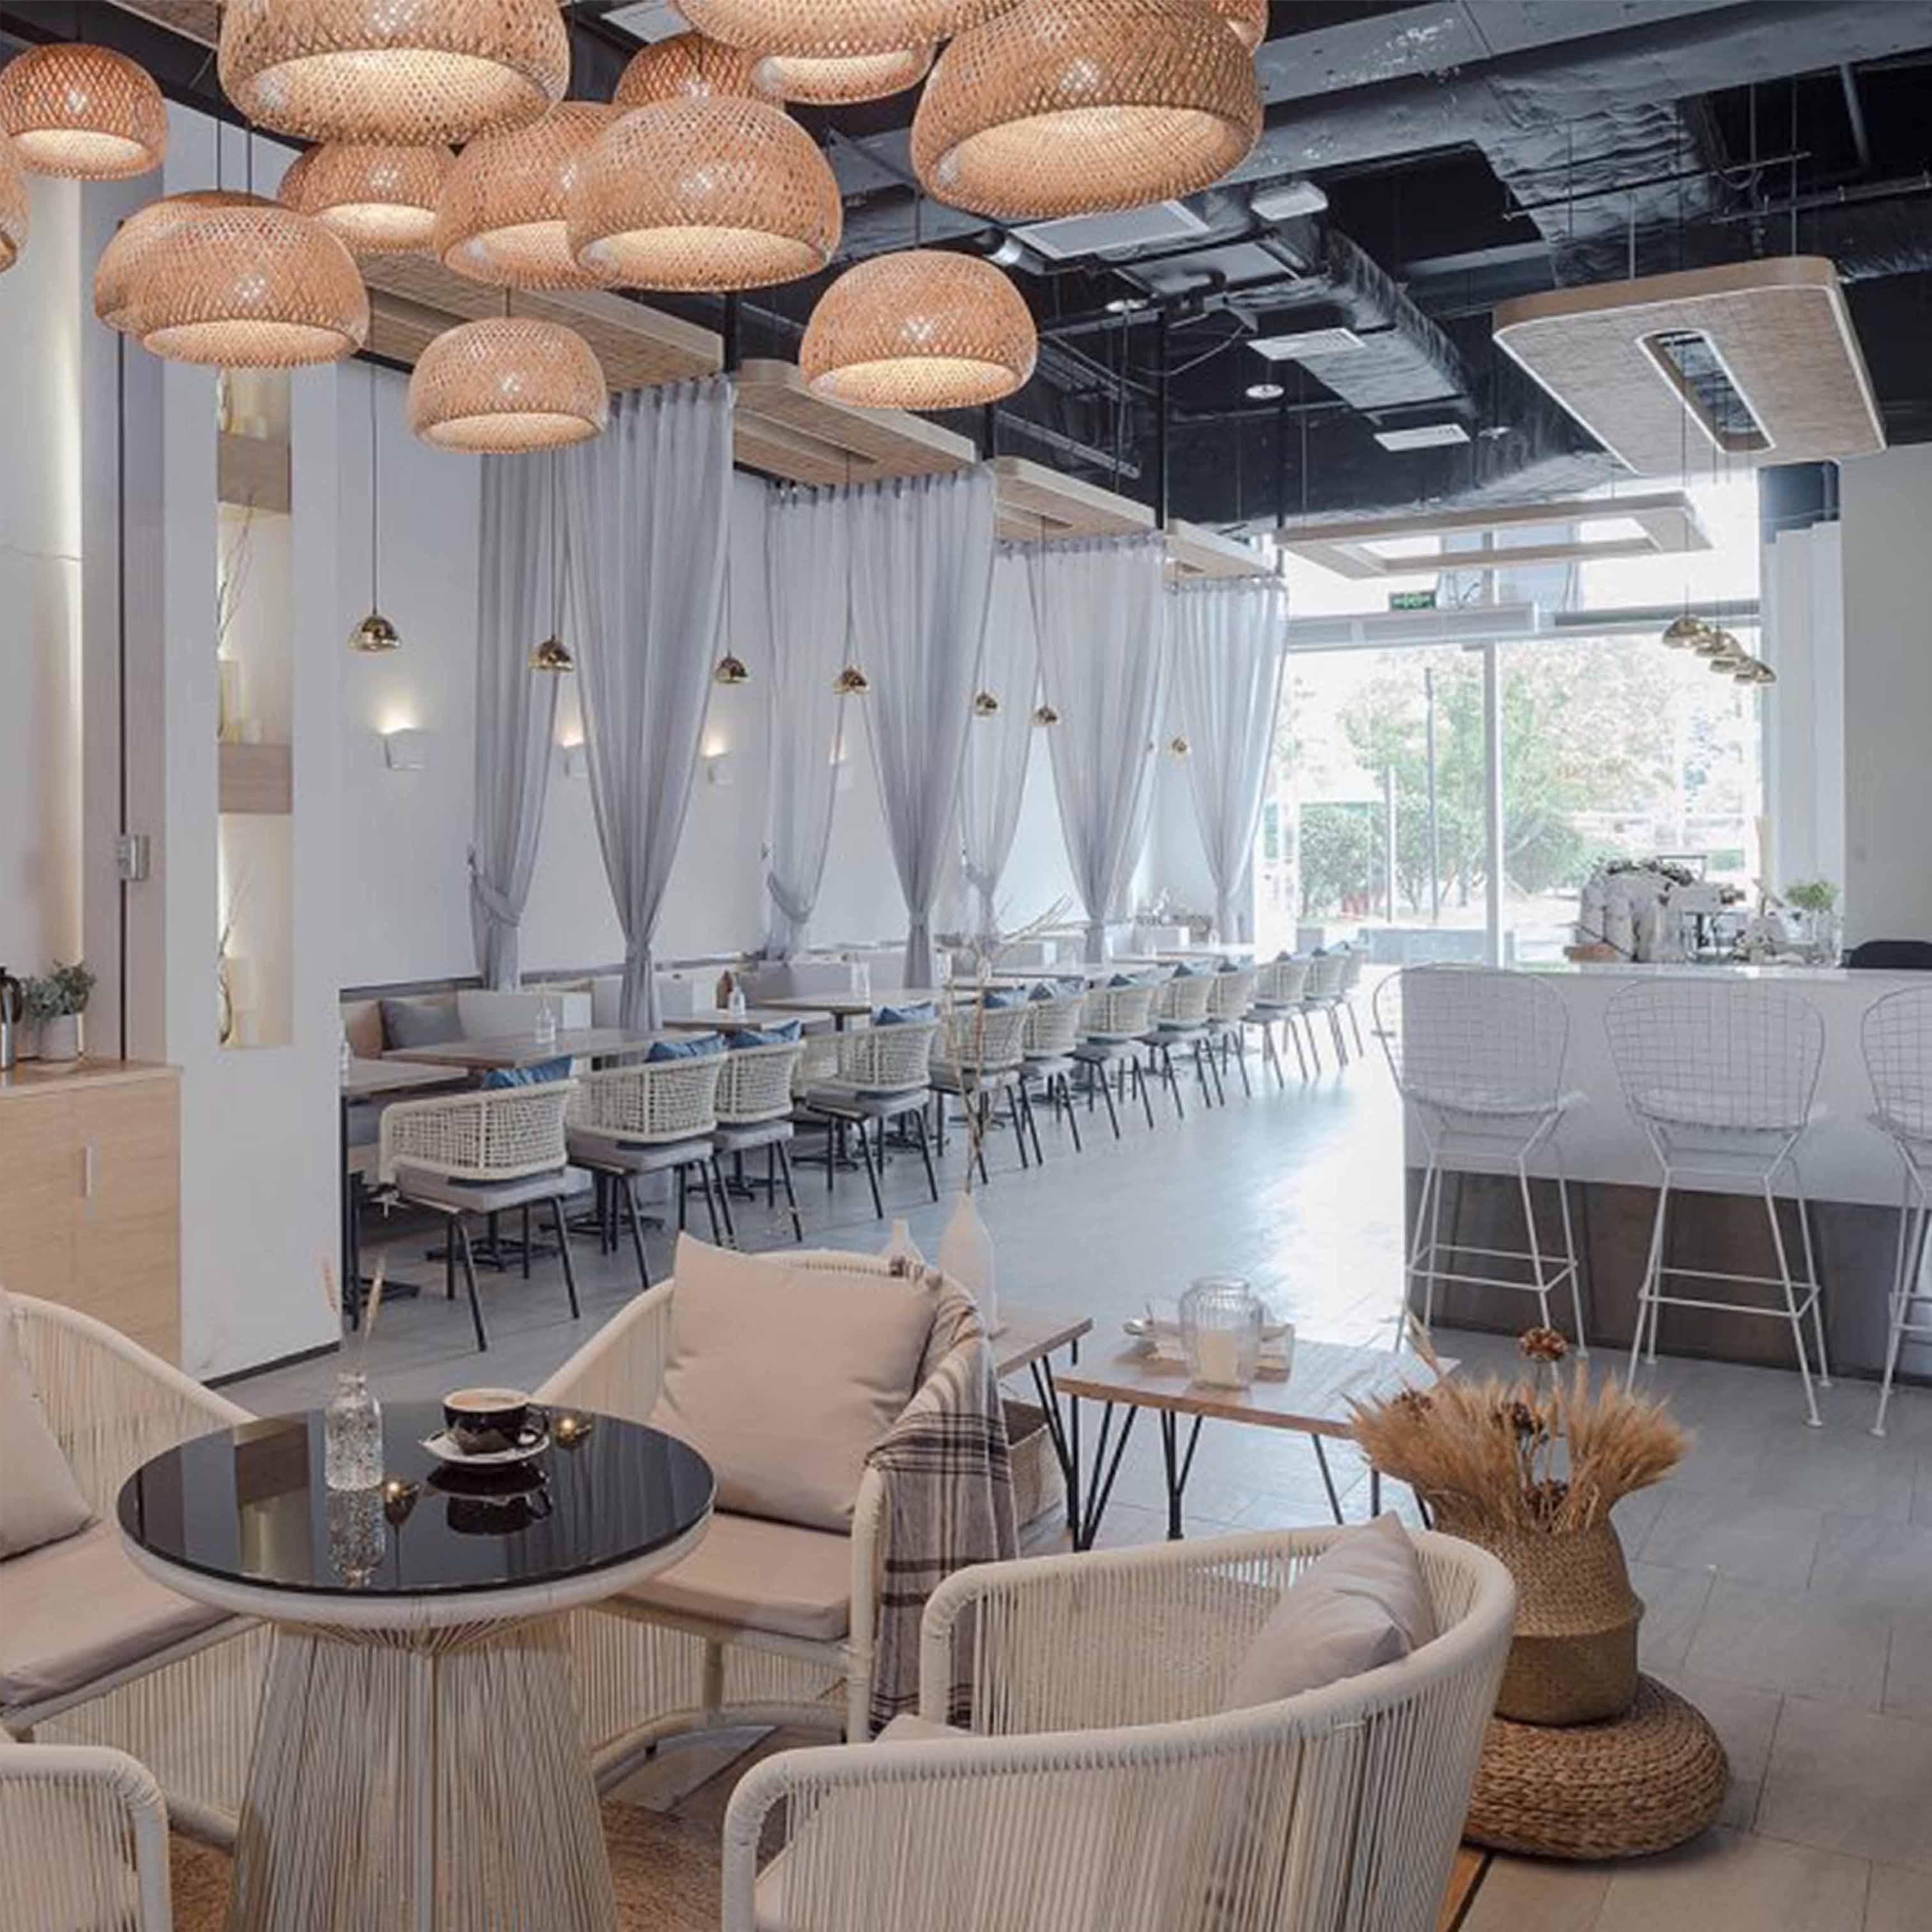 Thiết kế nội thất quán cafe kết hợp giữa phong cách Phương Tây và Phương Đông - TK24LHFU